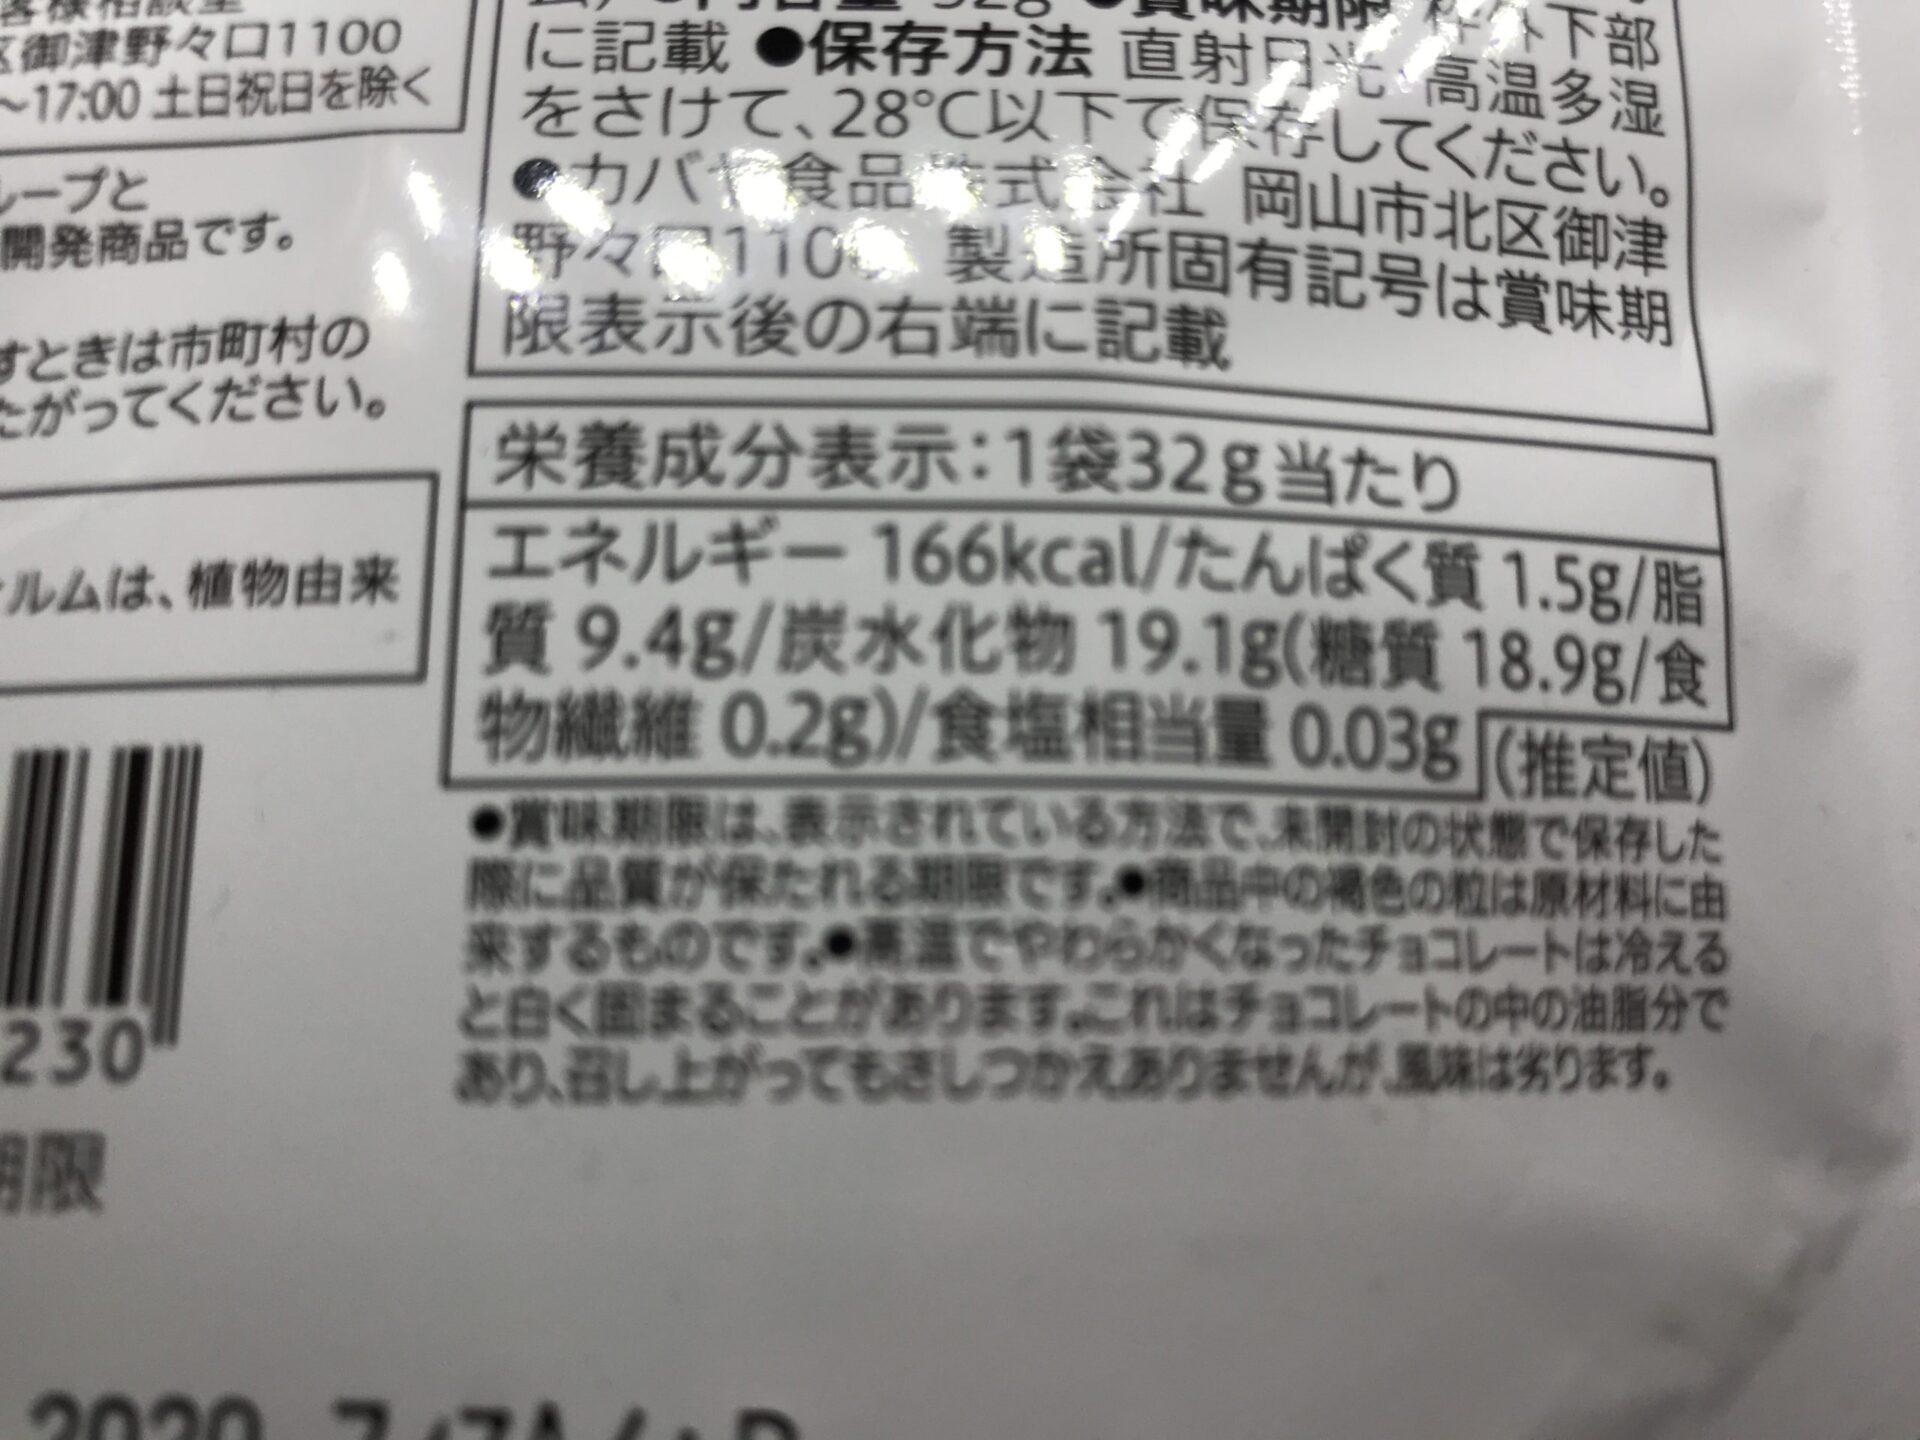 セブンプレミアム:もちもち食感のひとくちタピオカチョコ ほうじ茶ラテ味 成分表